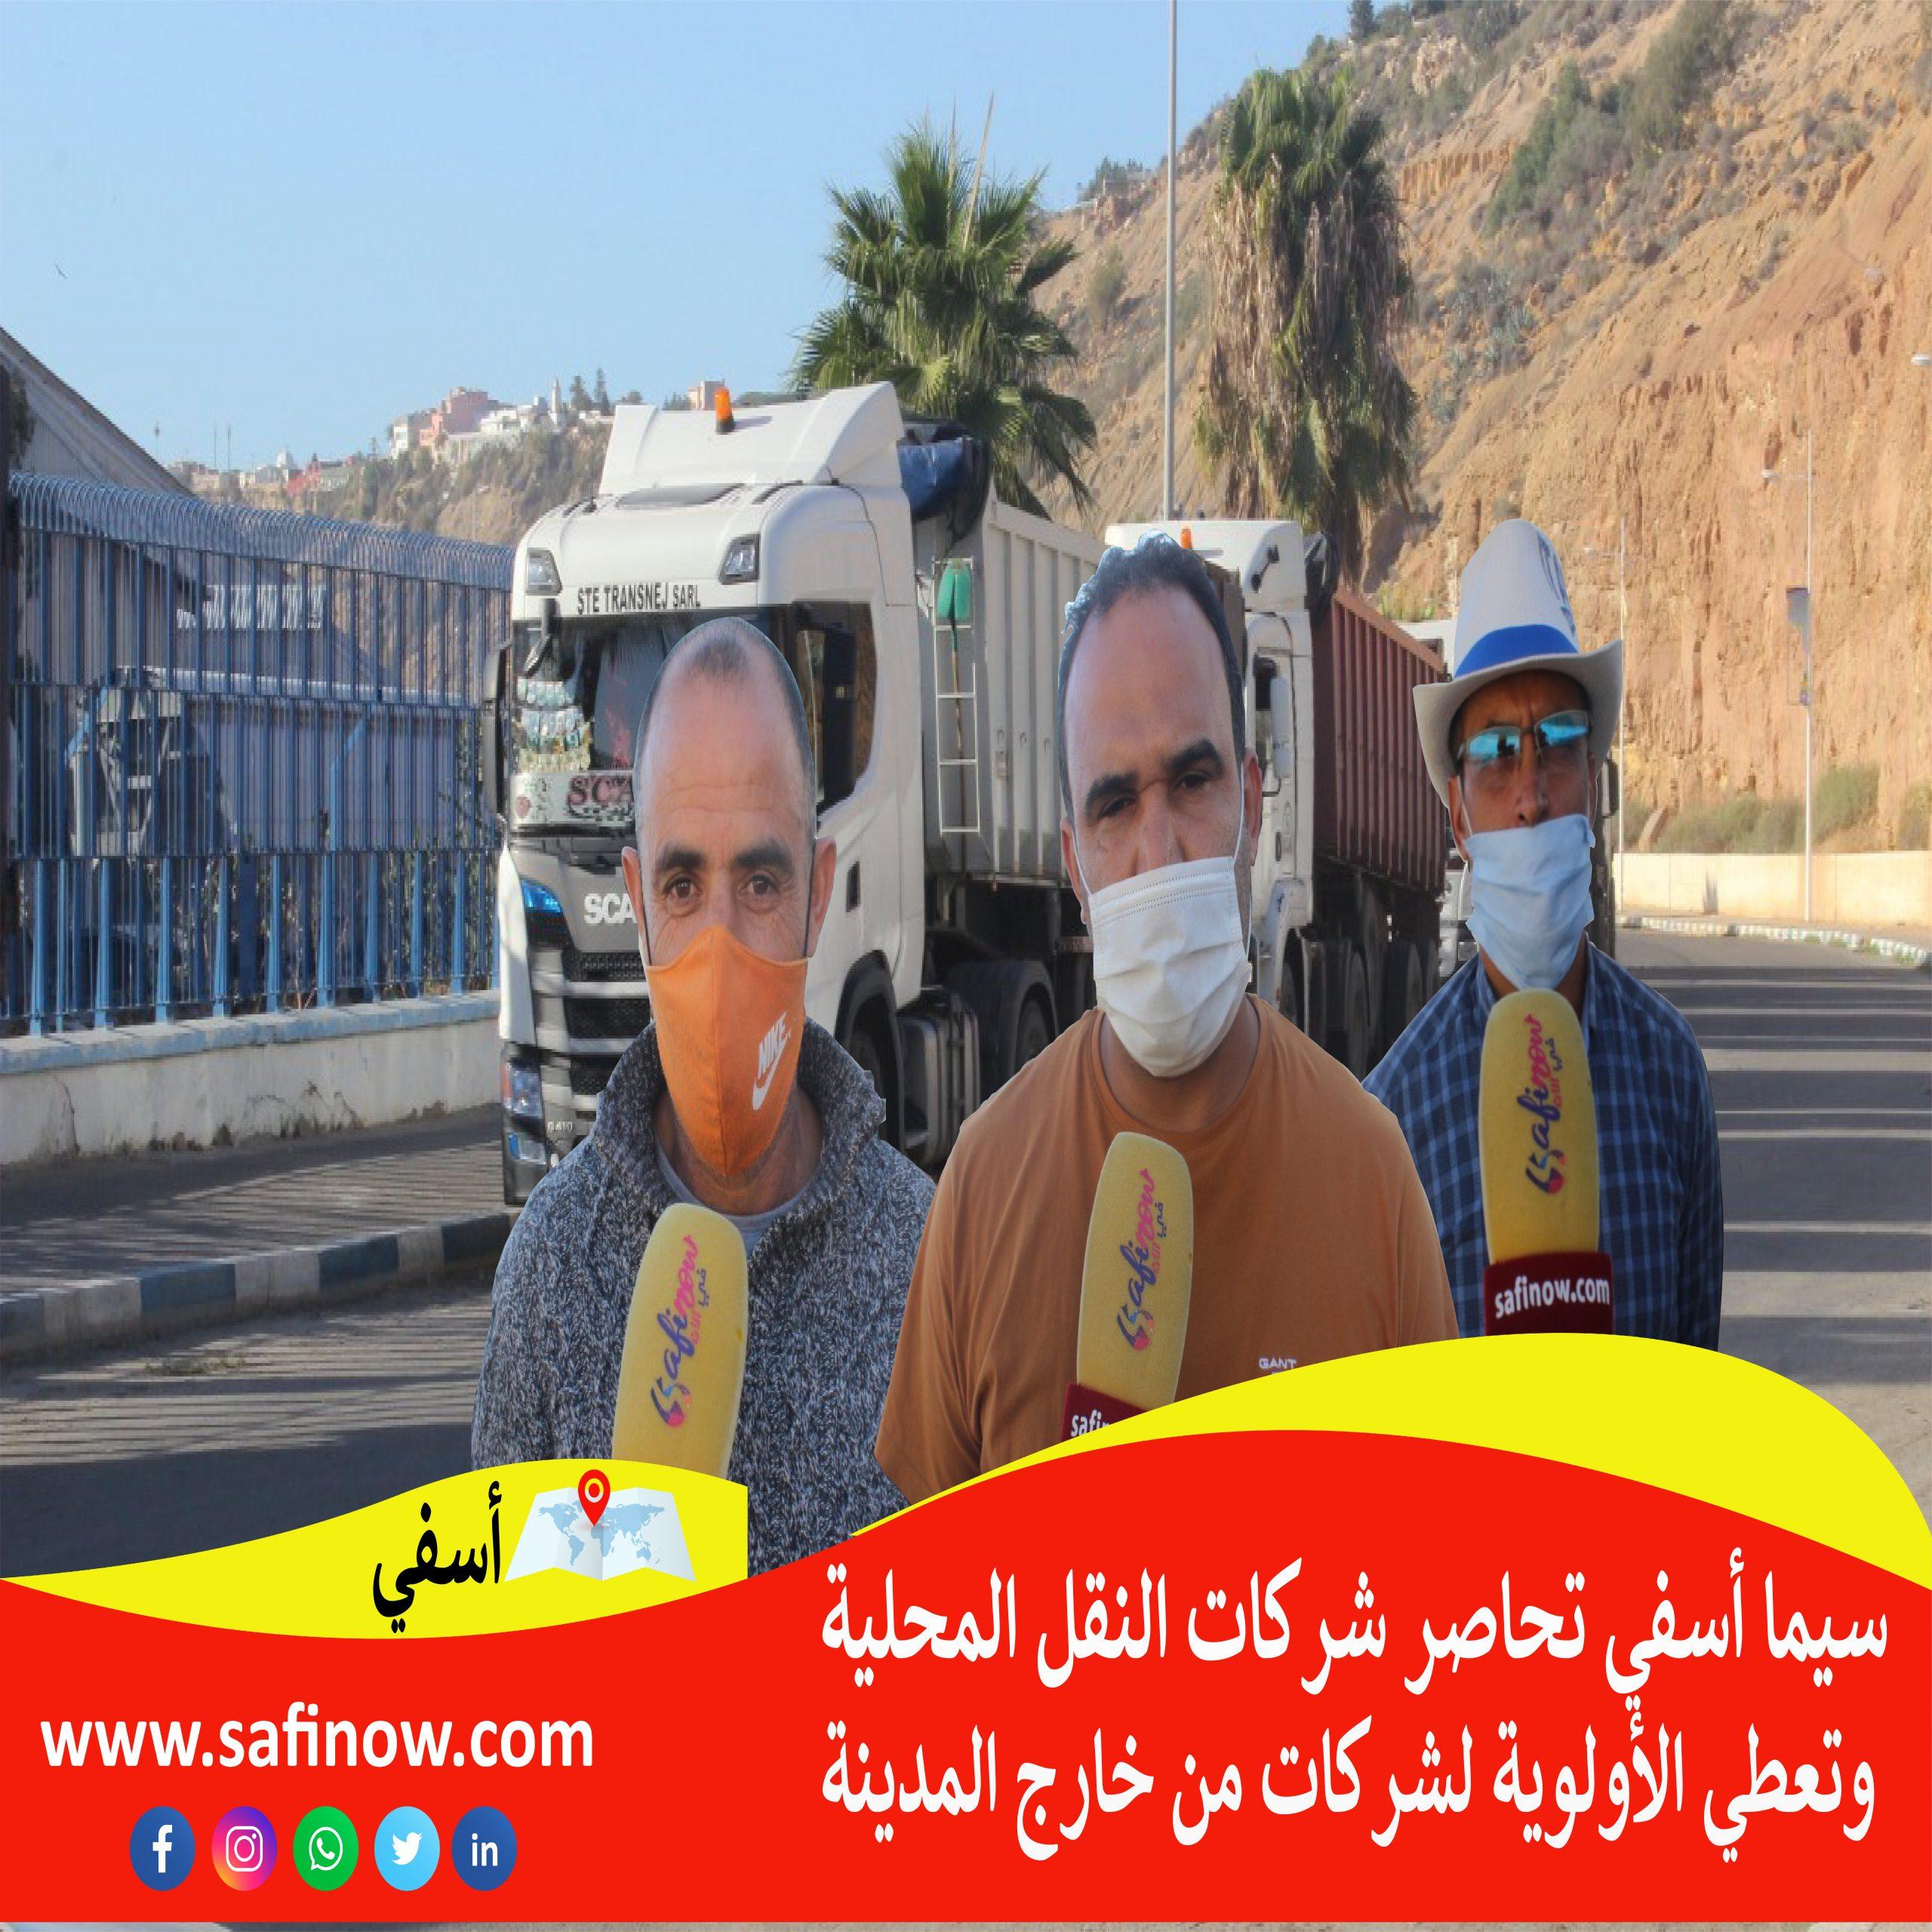 سيما أسفي تحاصر شركات النقل المحلية وتعطي الأولوية لشركات من خارج المدينة